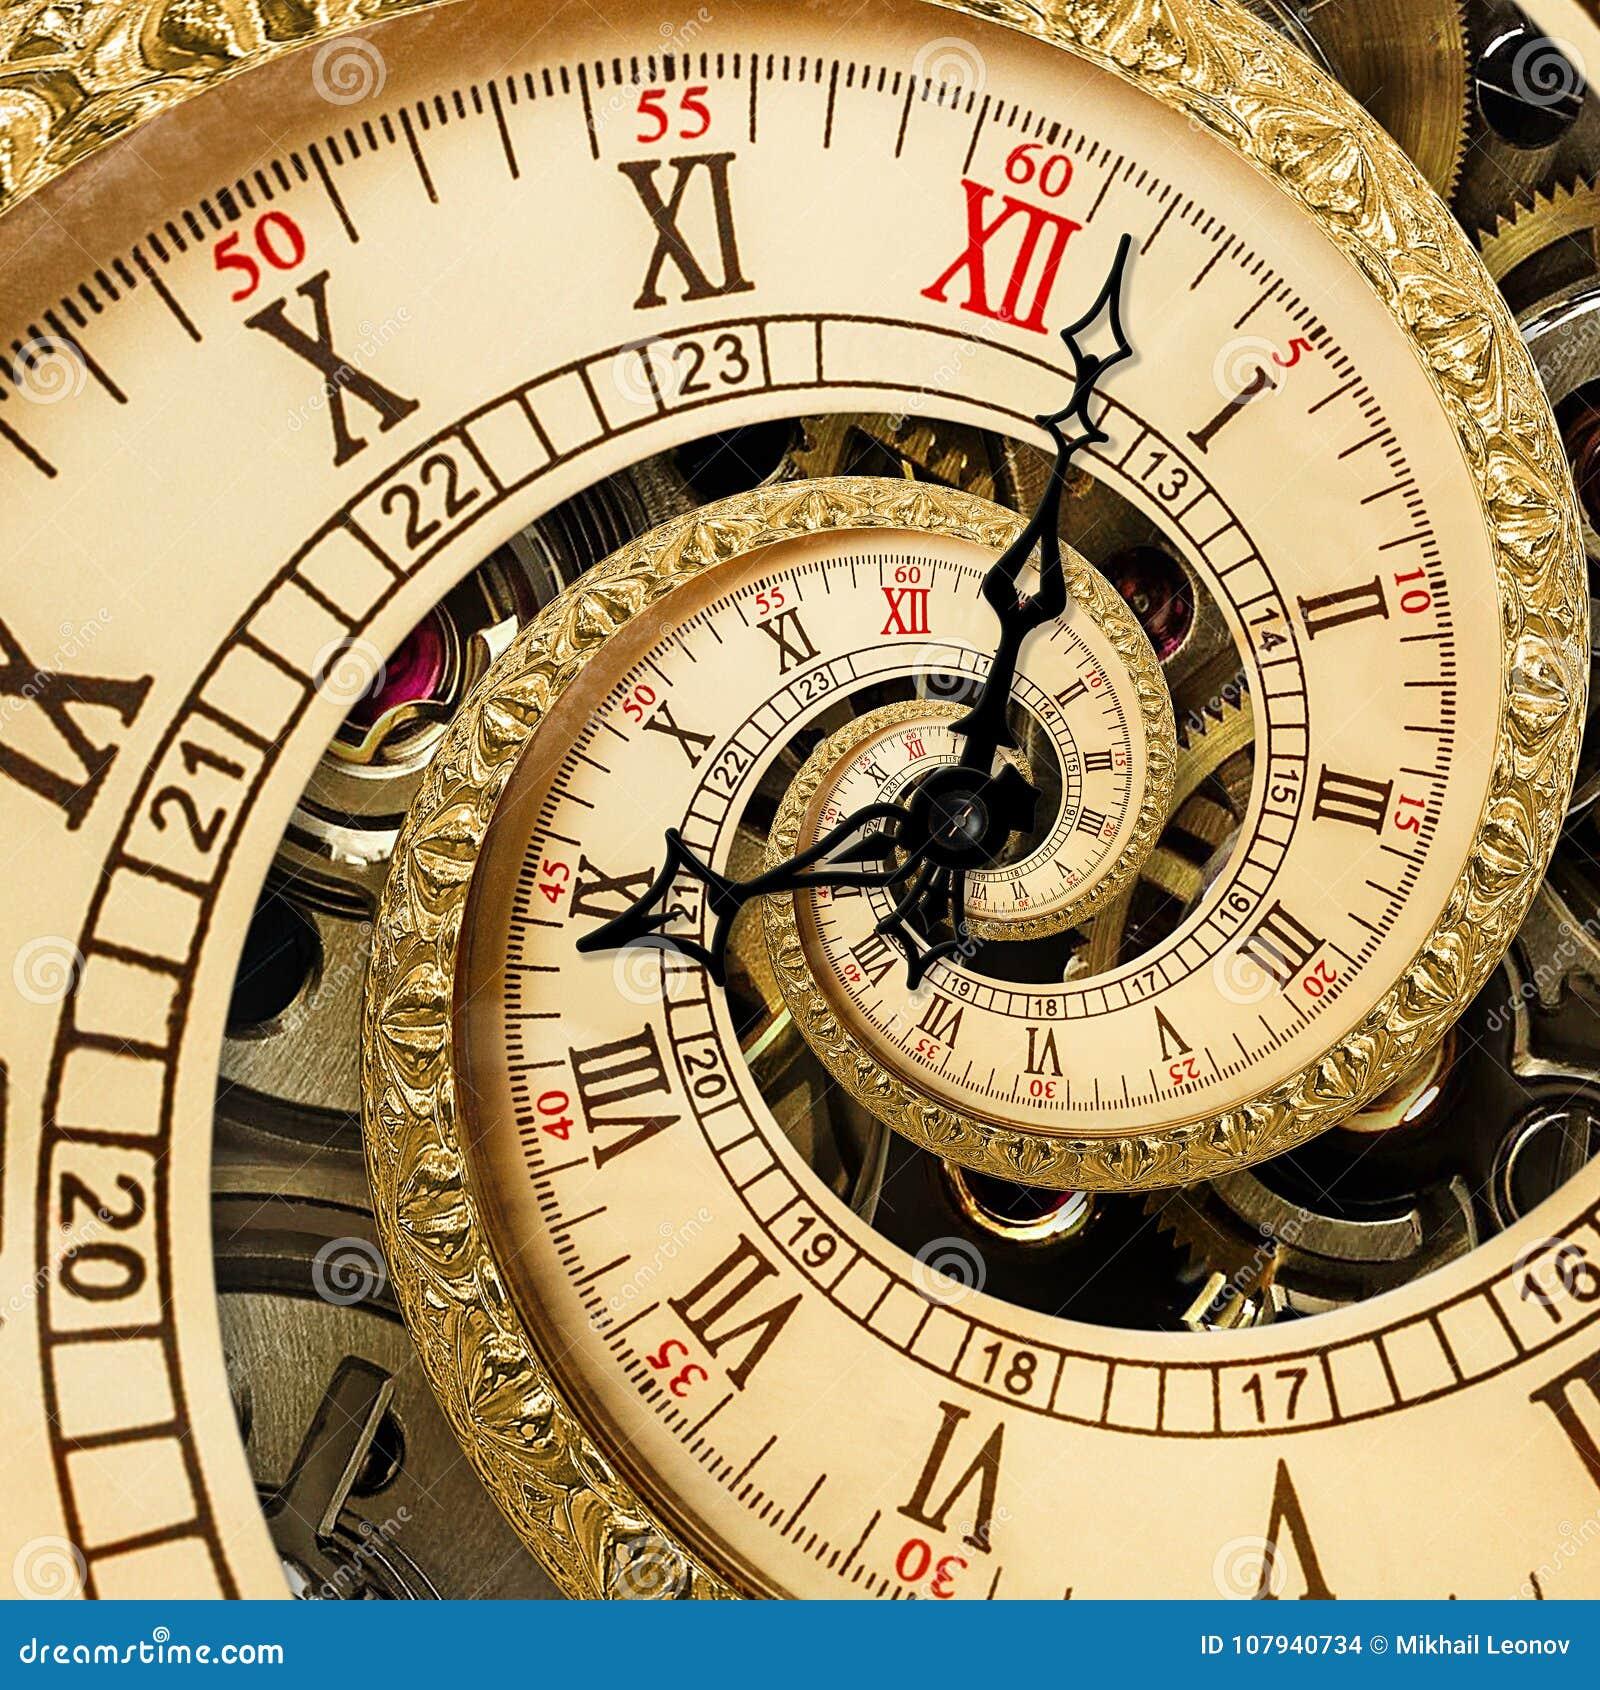 Υπερφυσική παλαιά παλαιά αφηρημένη fractal ρολογιών σπείρα Ρολόγια ρολογιών με fractal σύστασης μηχανισμών το ασυνήθιστο αφηρημέν